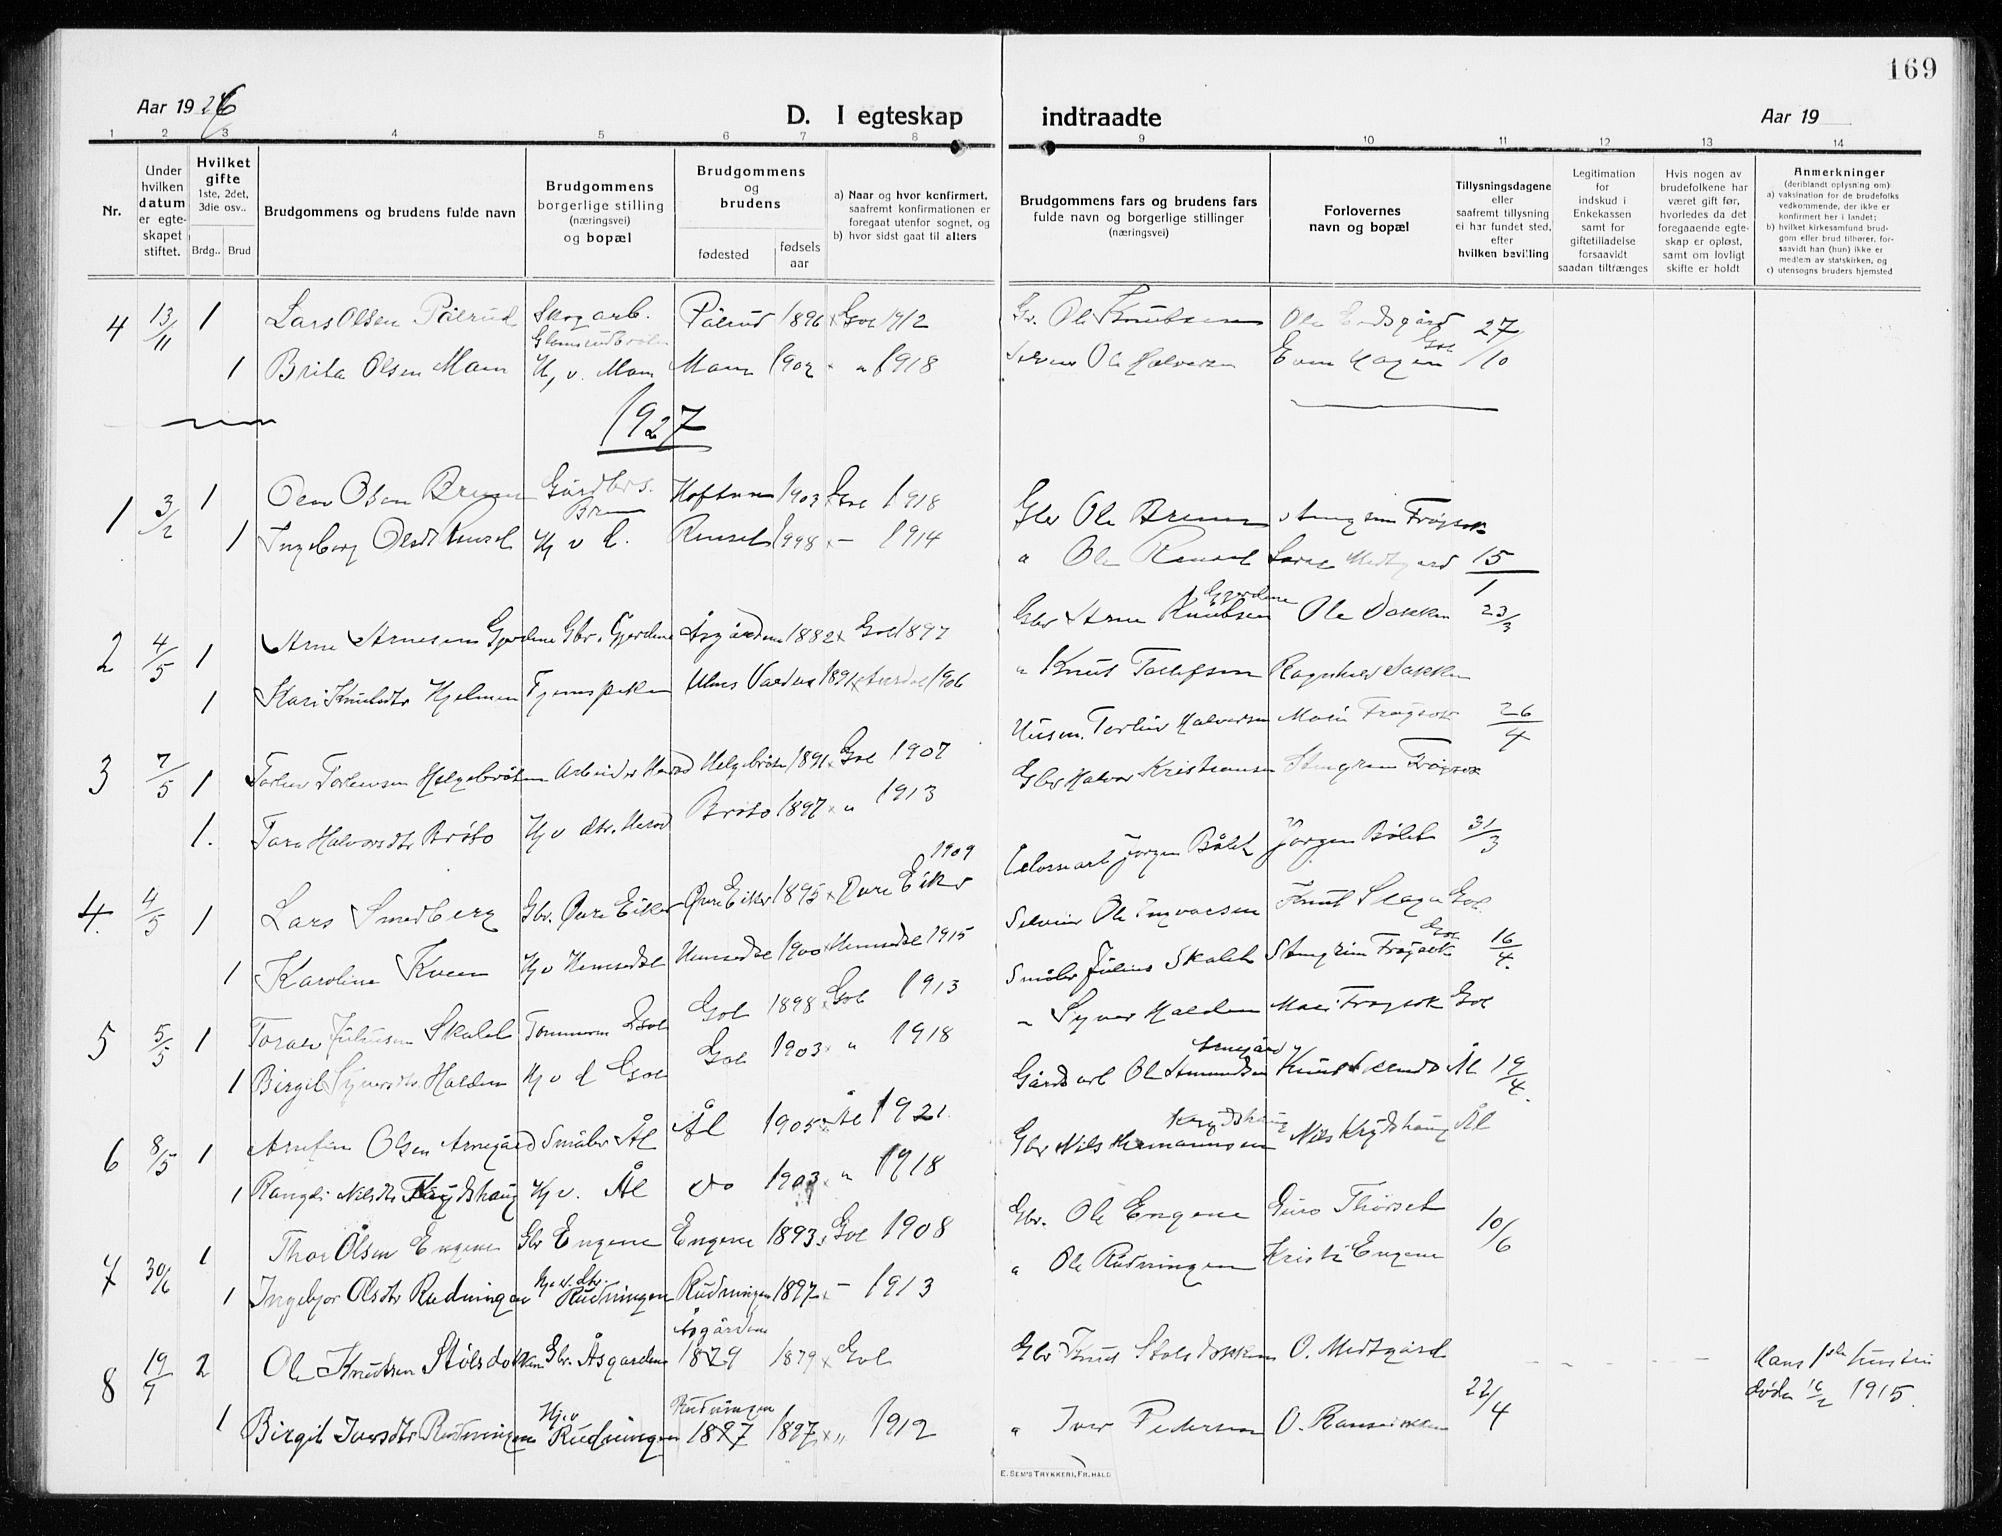 SAKO, Gol kirkebøker, G/Ga/L0004: Klokkerbok nr. I 4, 1915-1943, s. 169